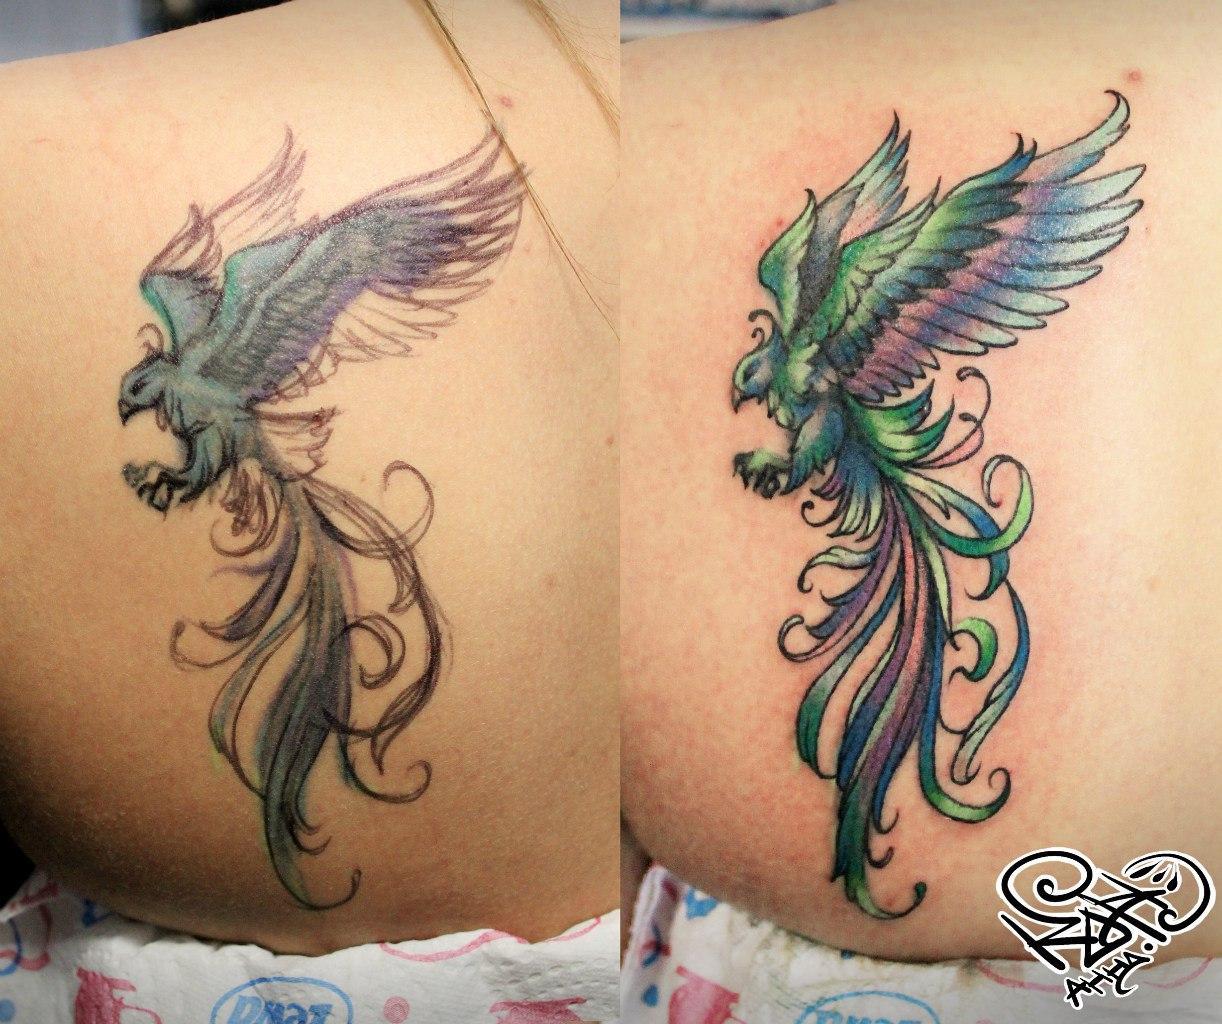 Художественная татуировка «Феникс». Мастер — Анна Корь